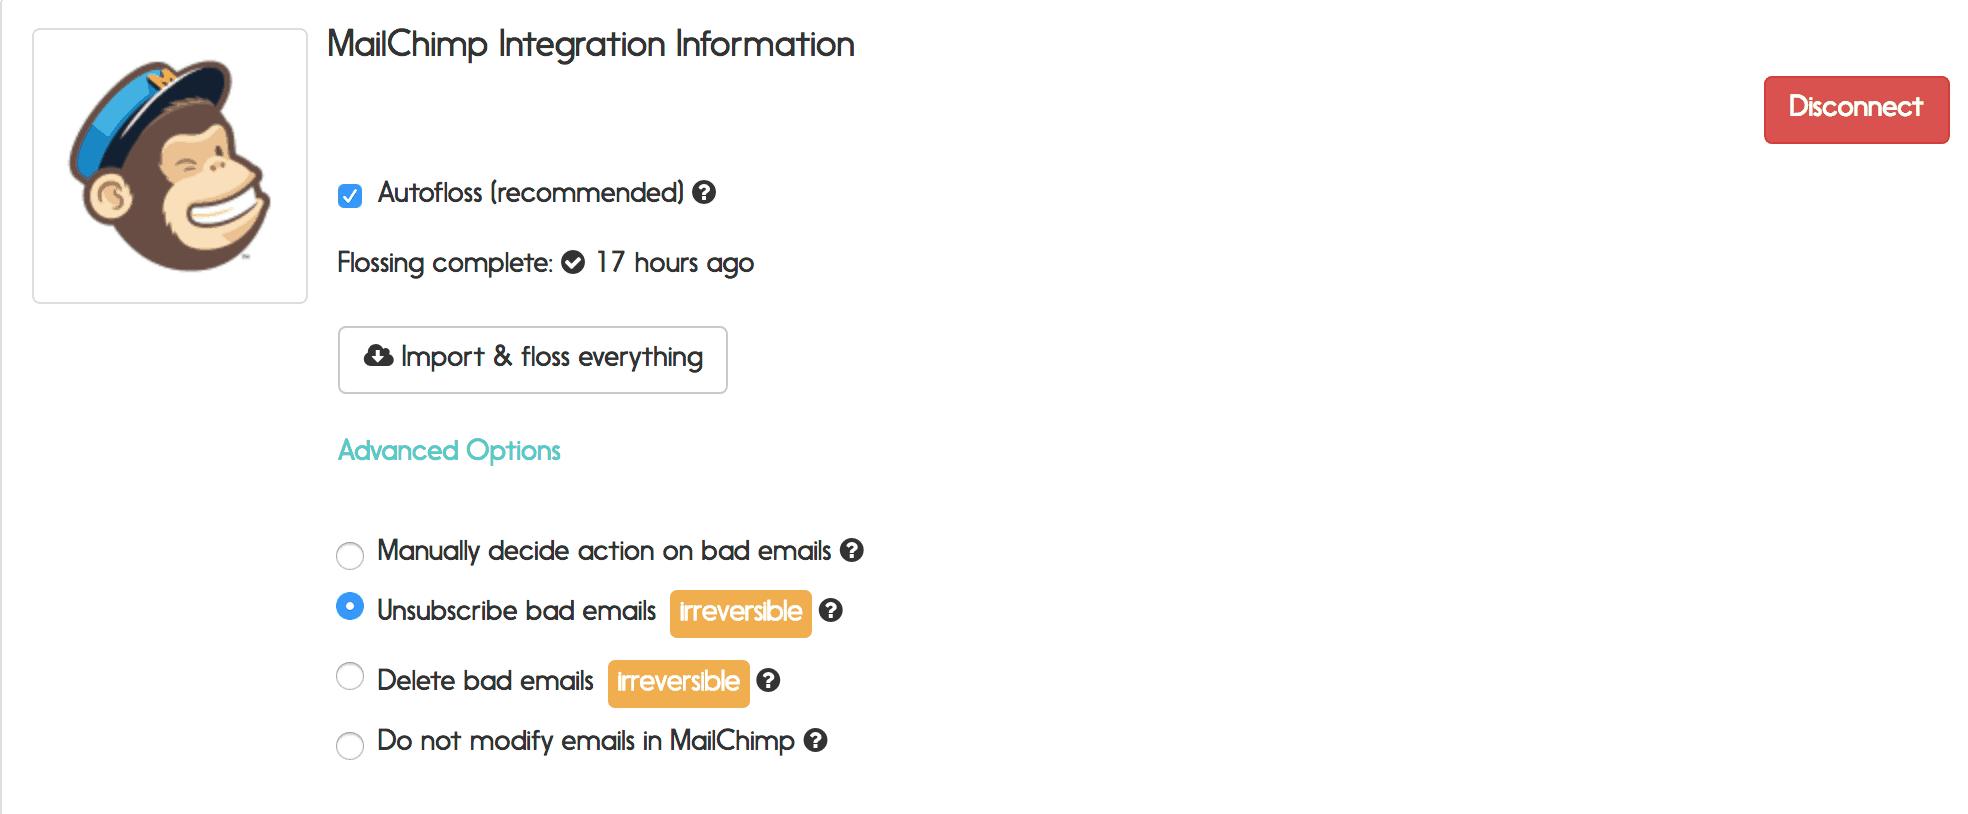 mailchimp email verification options